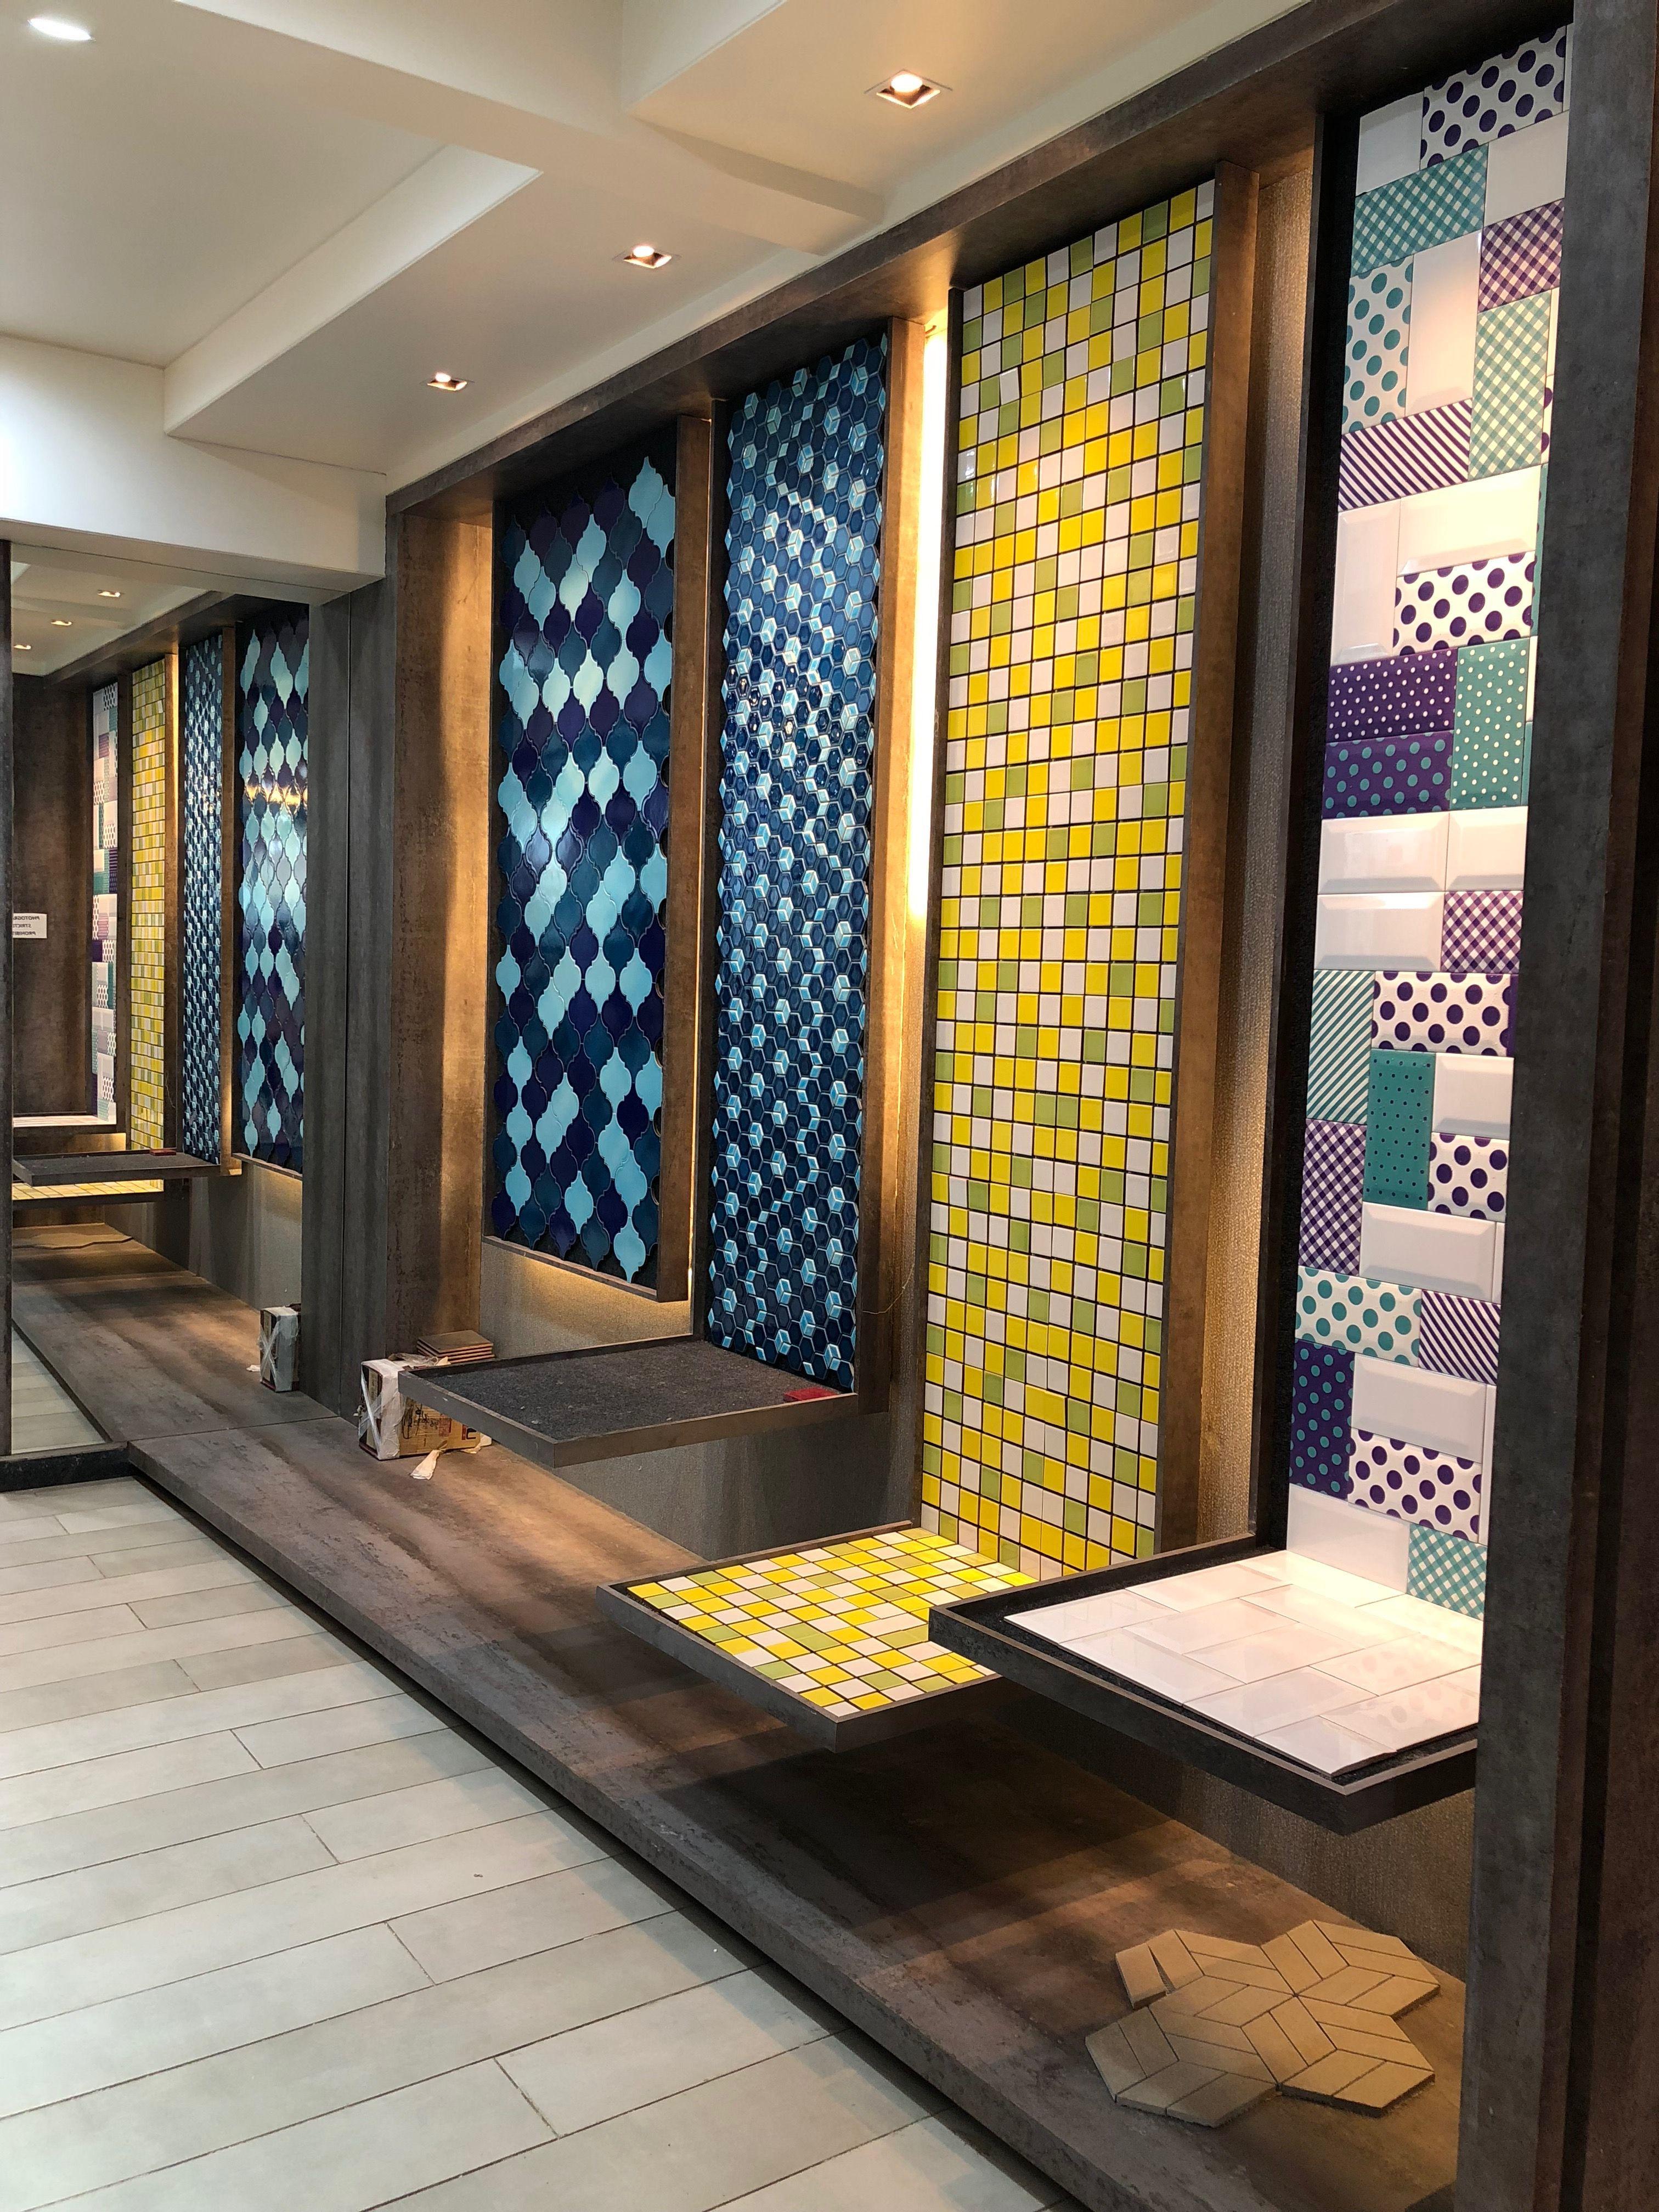 98 displays ideas display tile